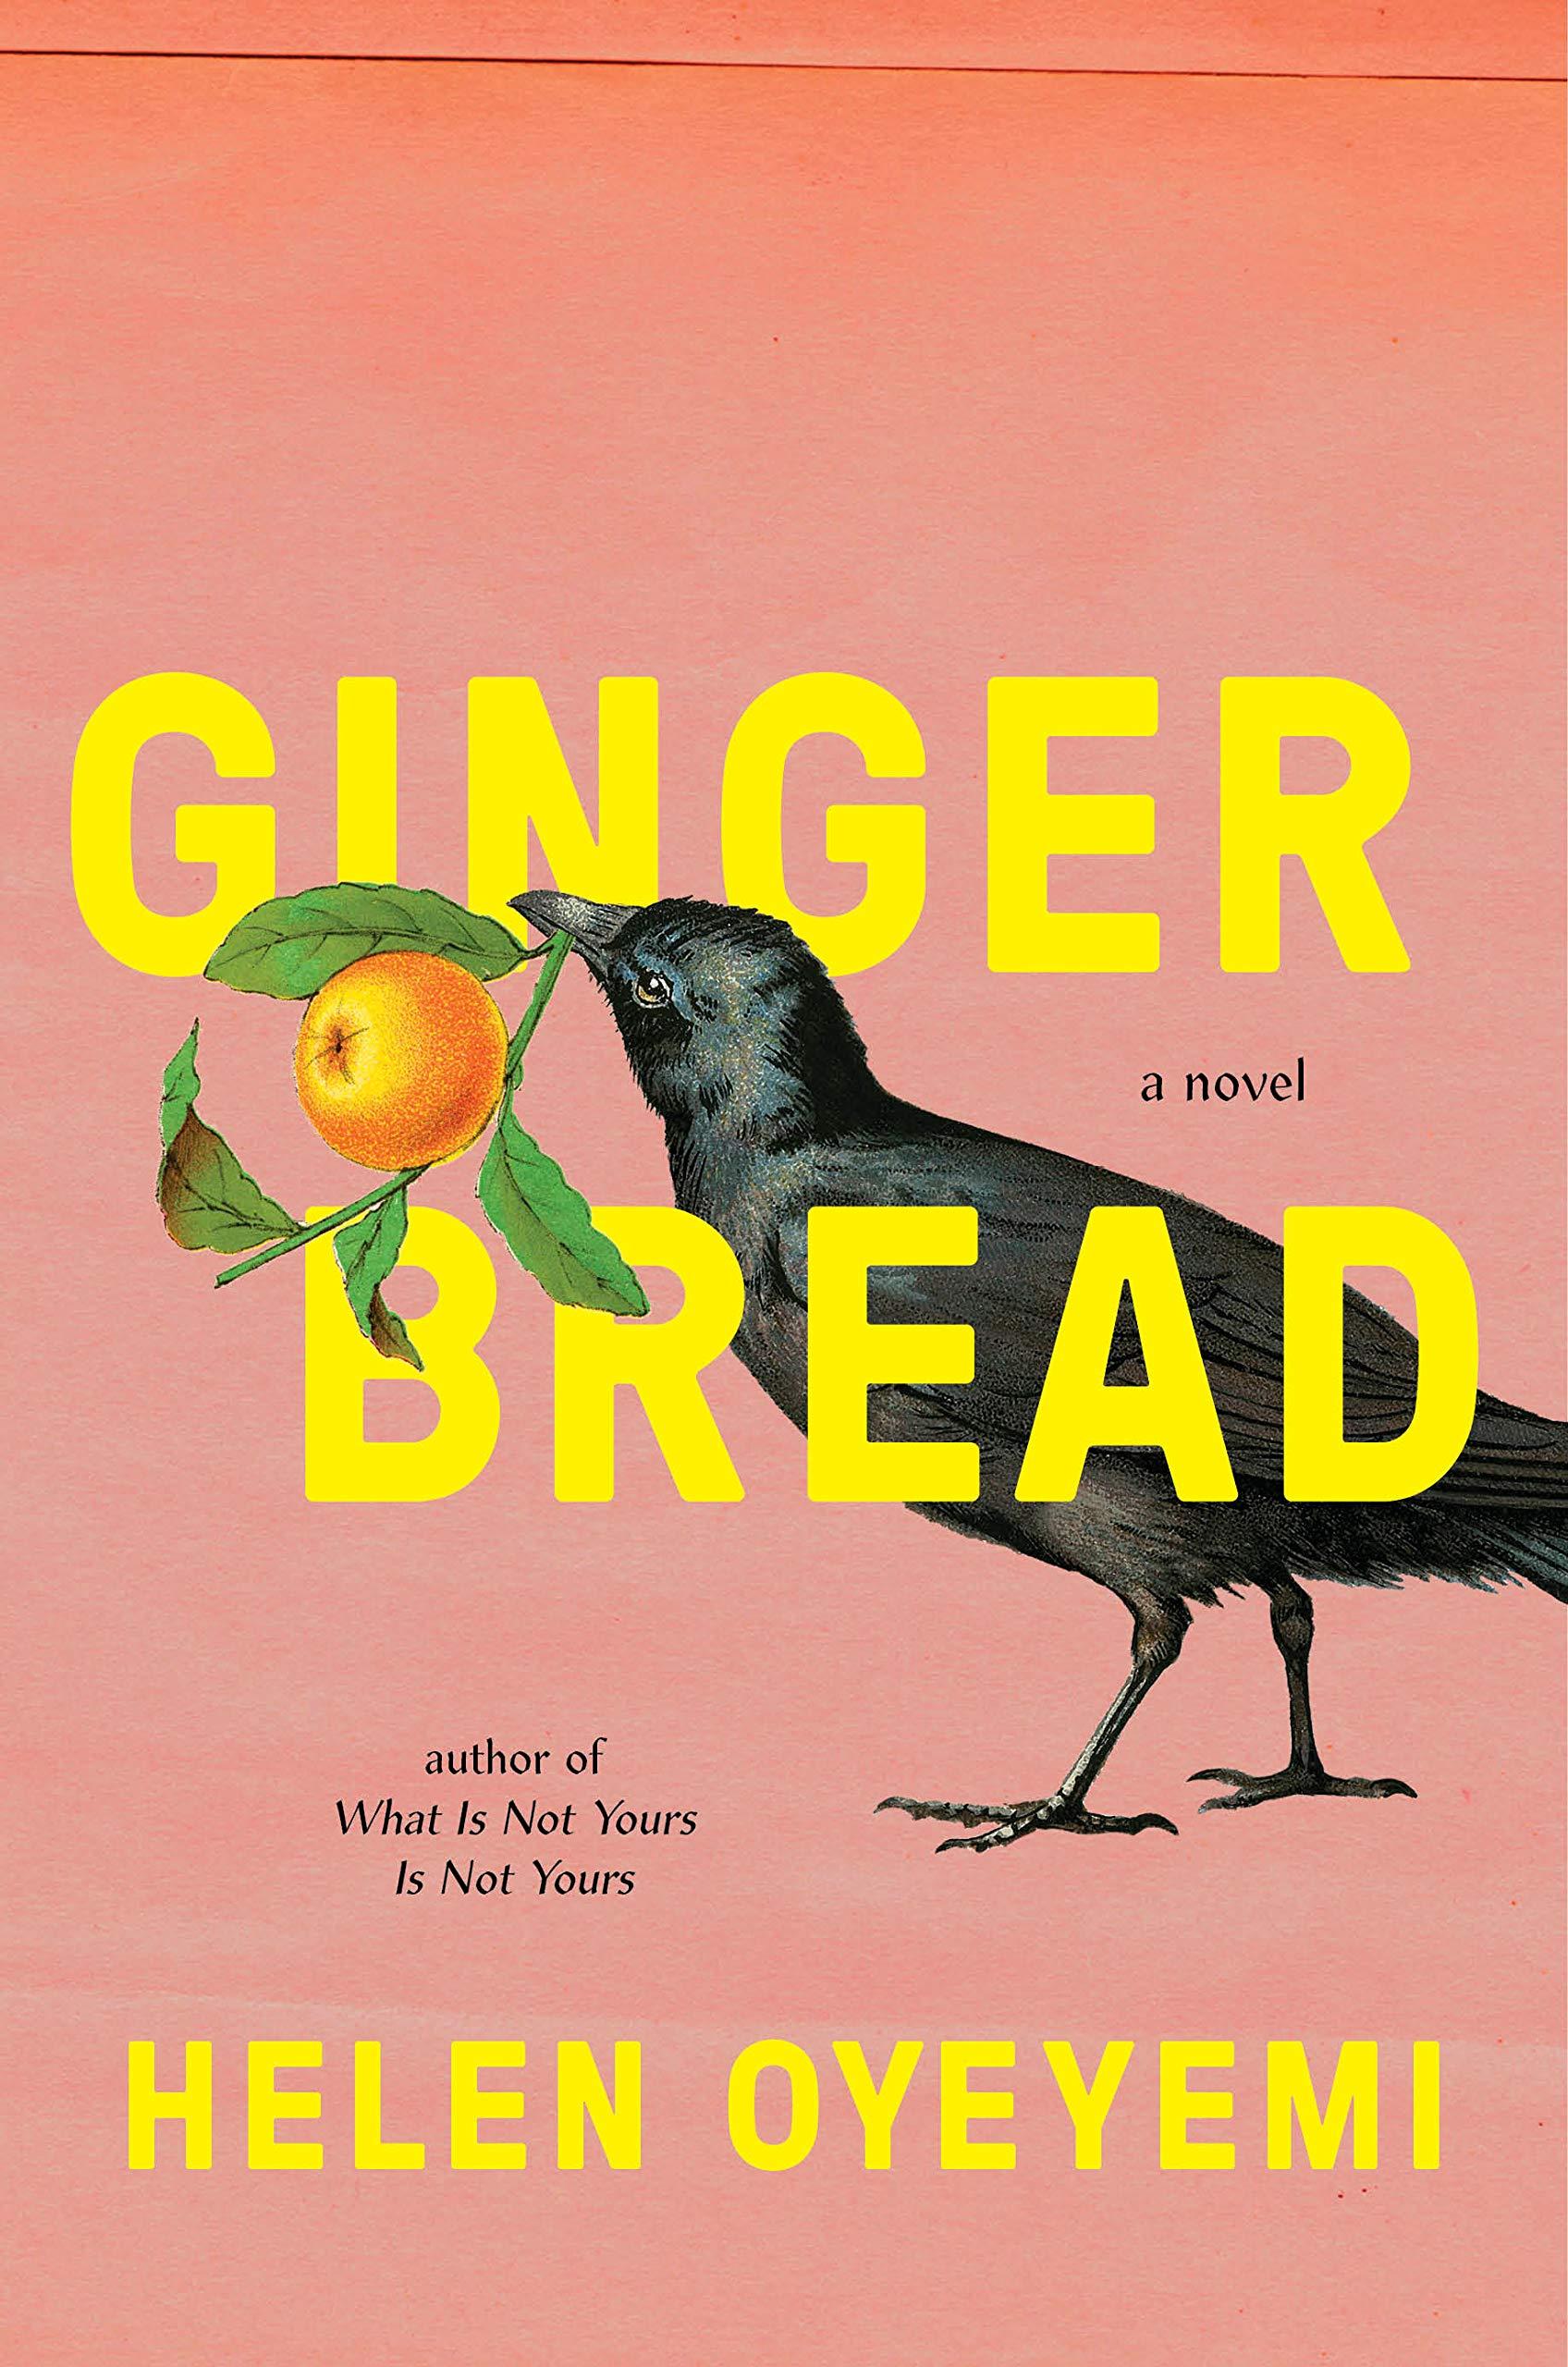 Gingerbread: A Novel by Helen Oyeyemi